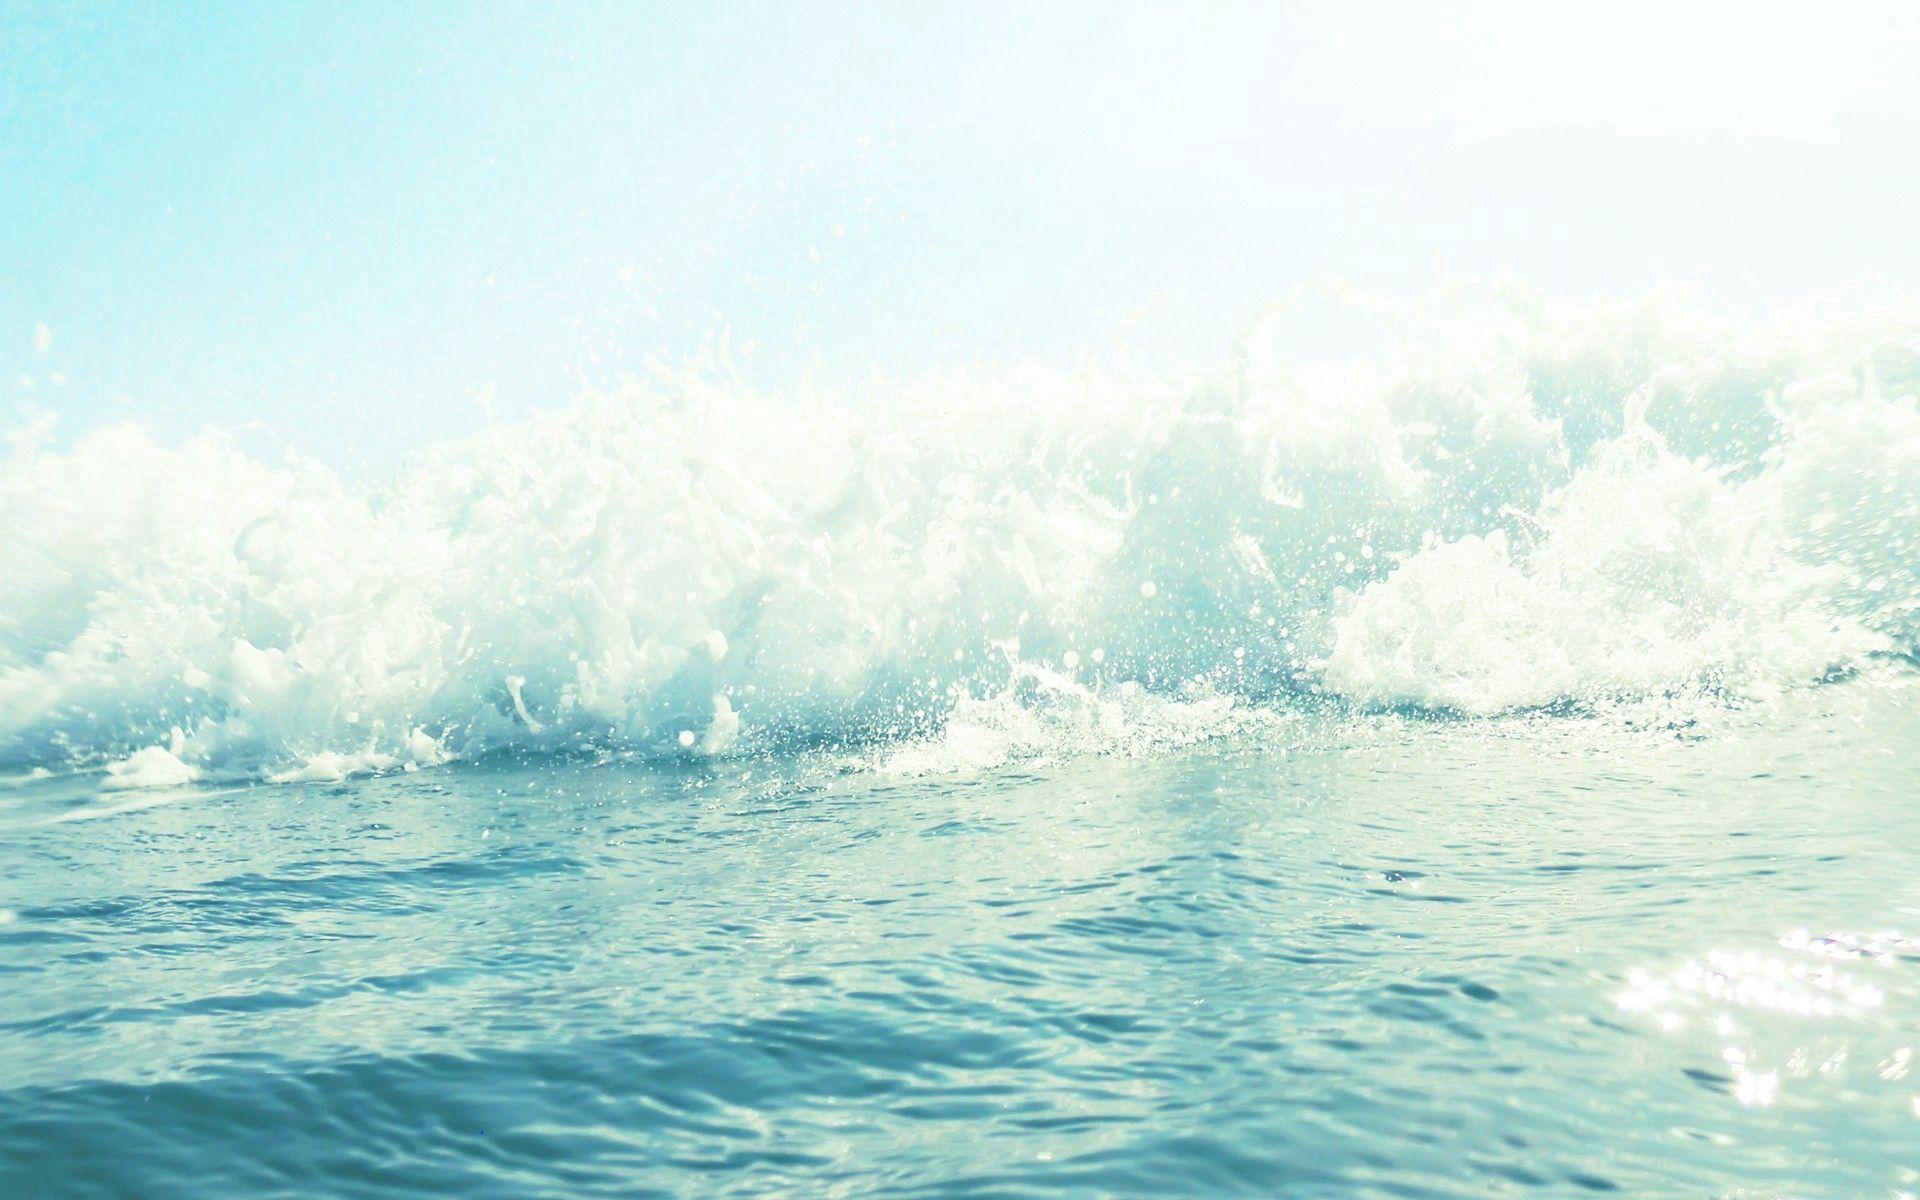 147491 скачать обои Природа, Море, Пена, Волна - заставки и картинки бесплатно